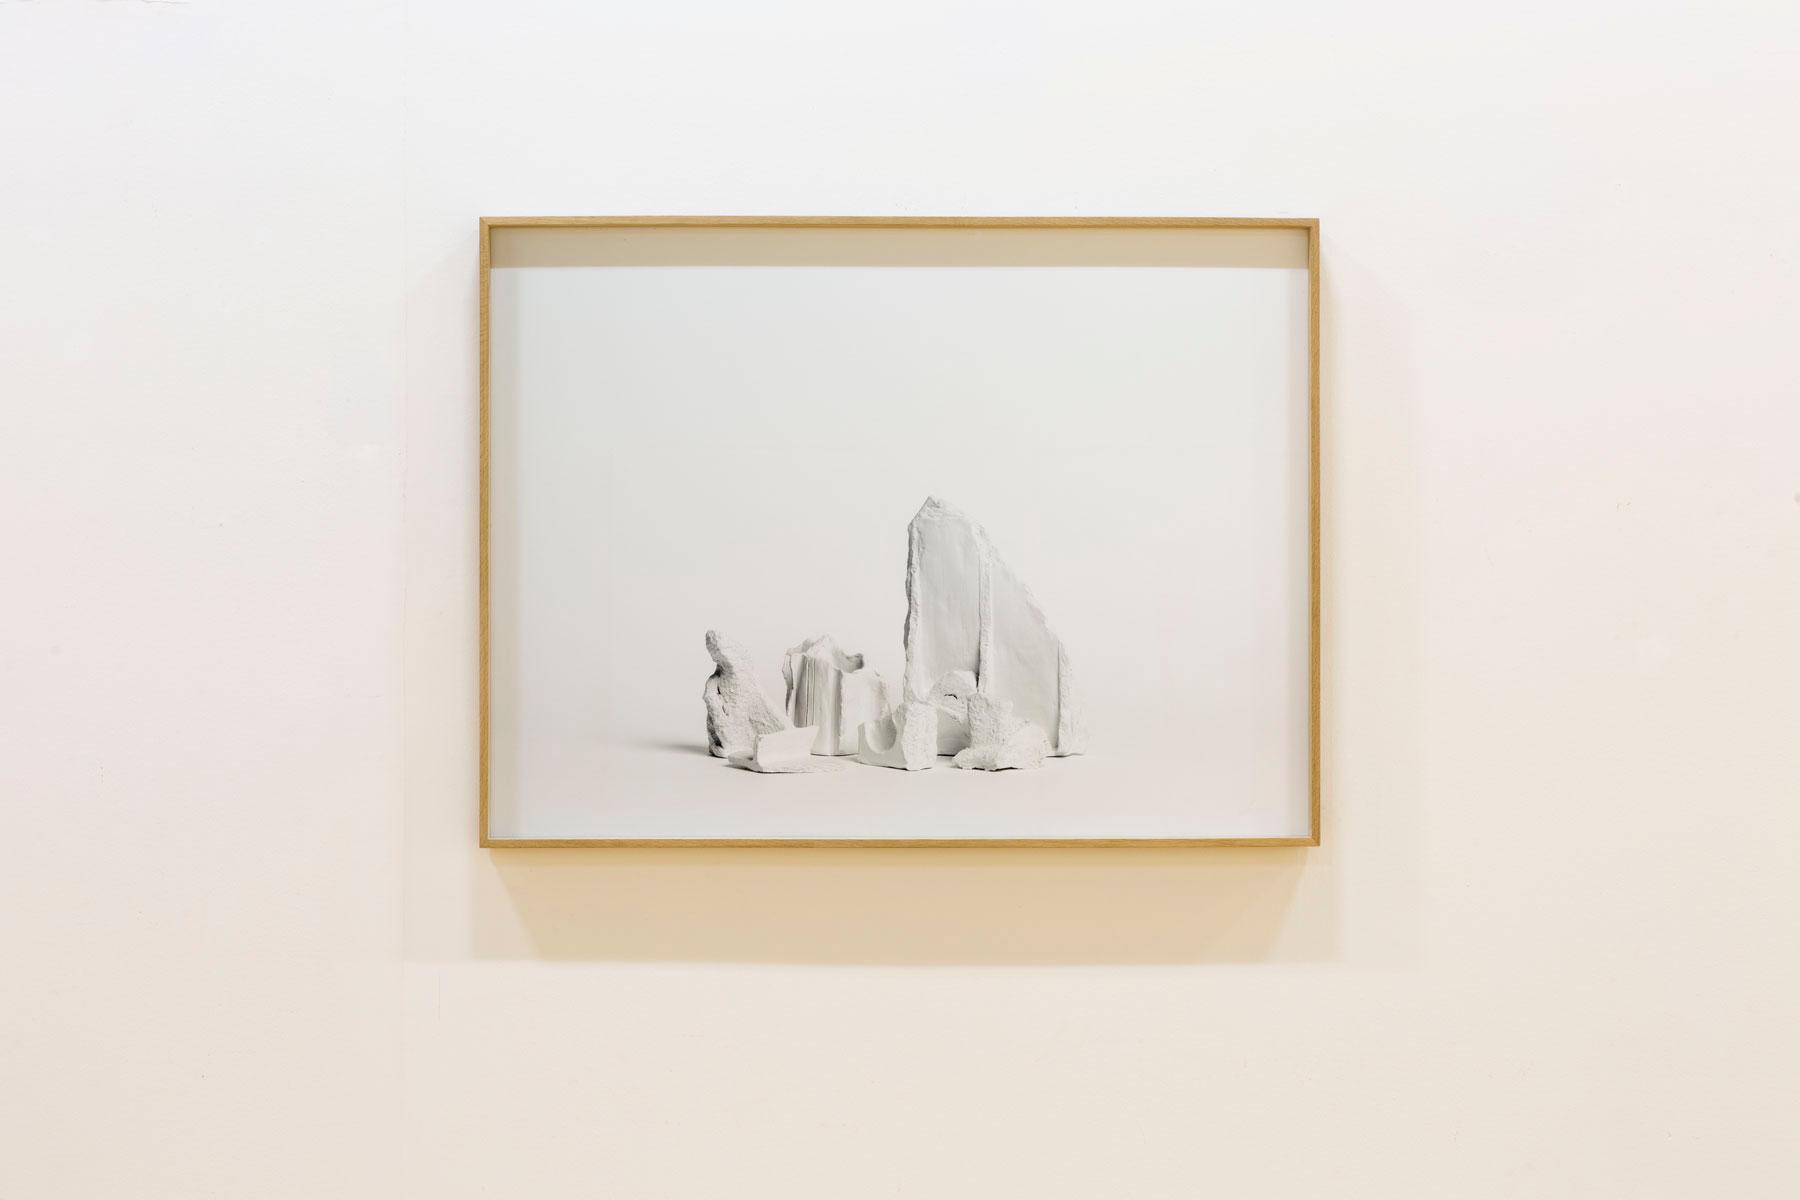 Marco Maria Zanin, Restituzione, 80 x 110 cm